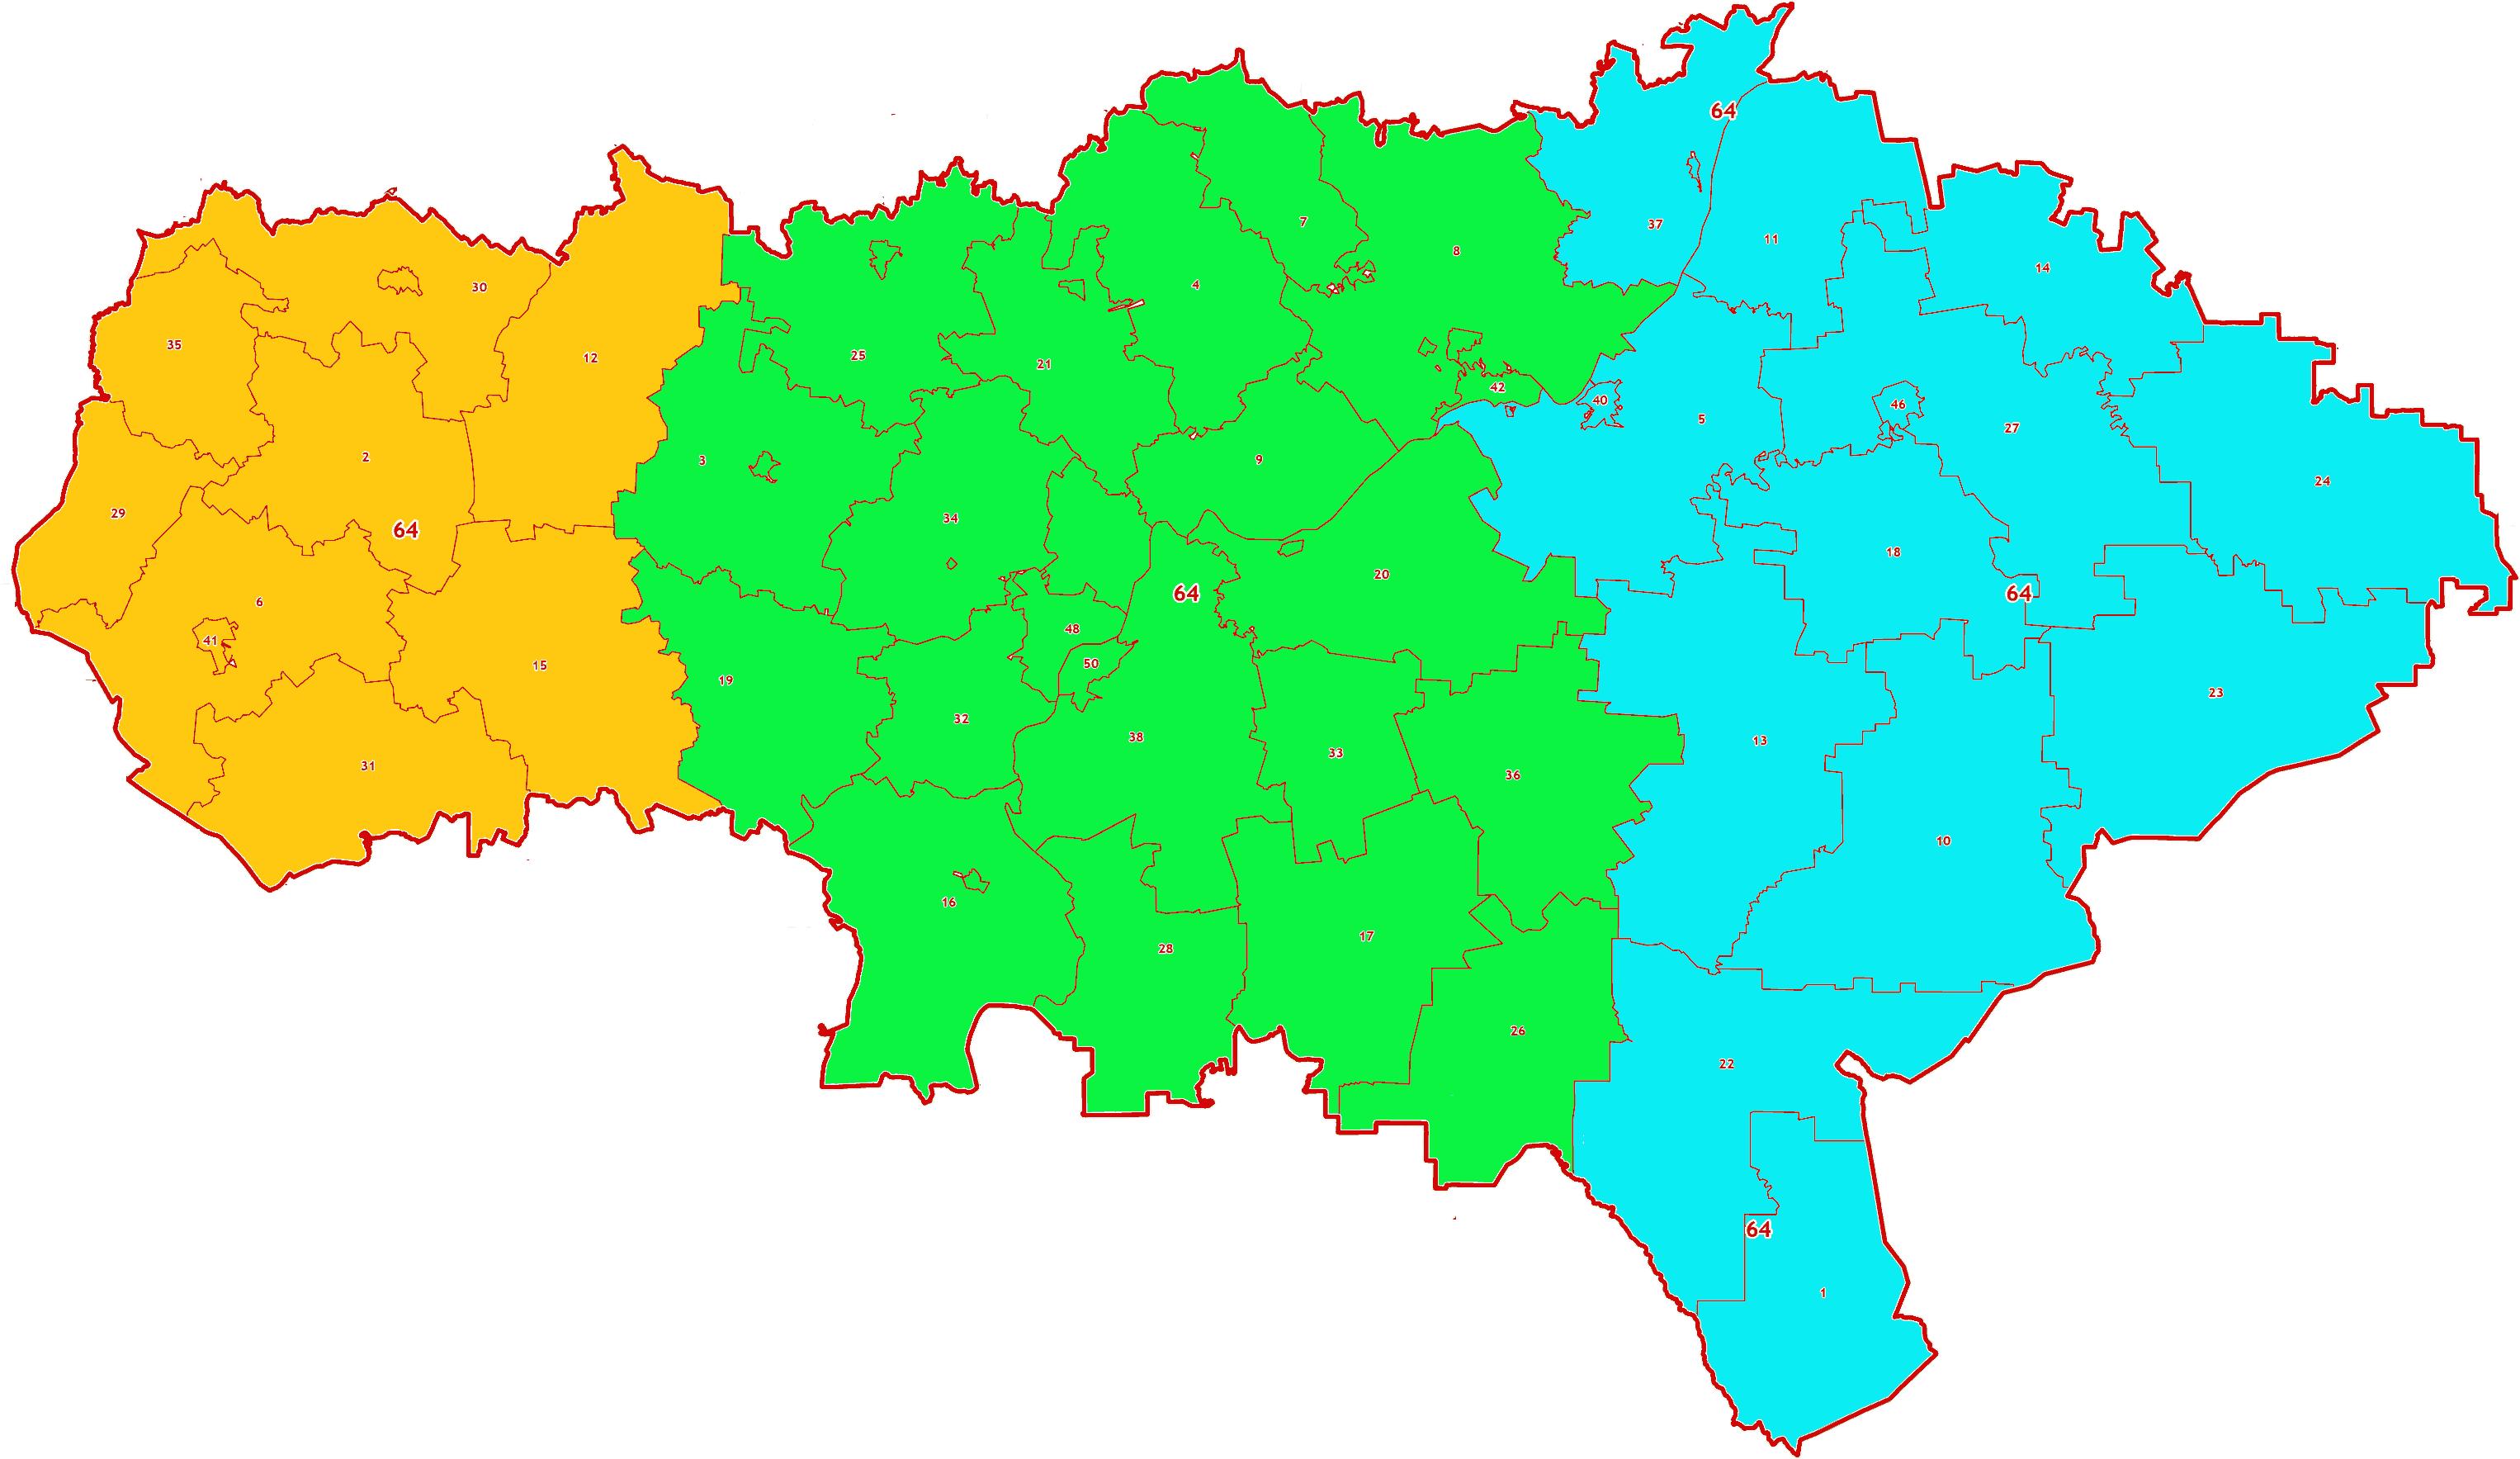 Зоны МСК-64 на территорию Саратовской области